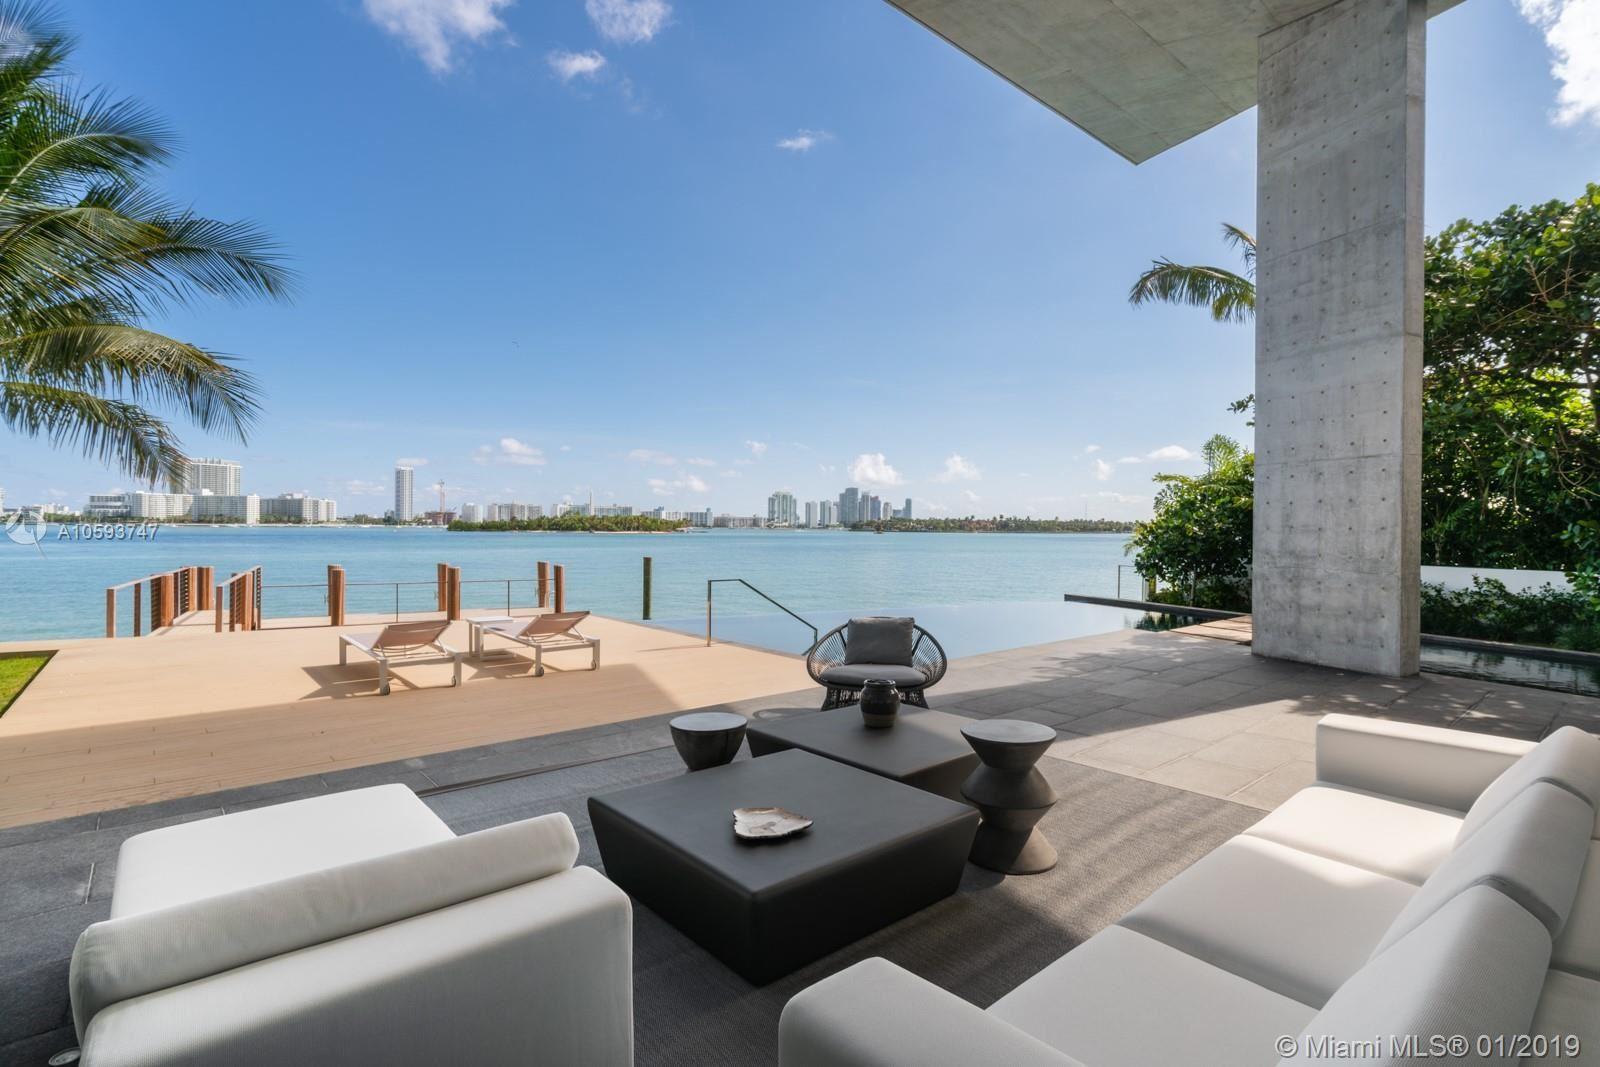 Photo 27 of Listing MLS a10593747 in 35 E Dilido Dr Miami Beach FL 33139